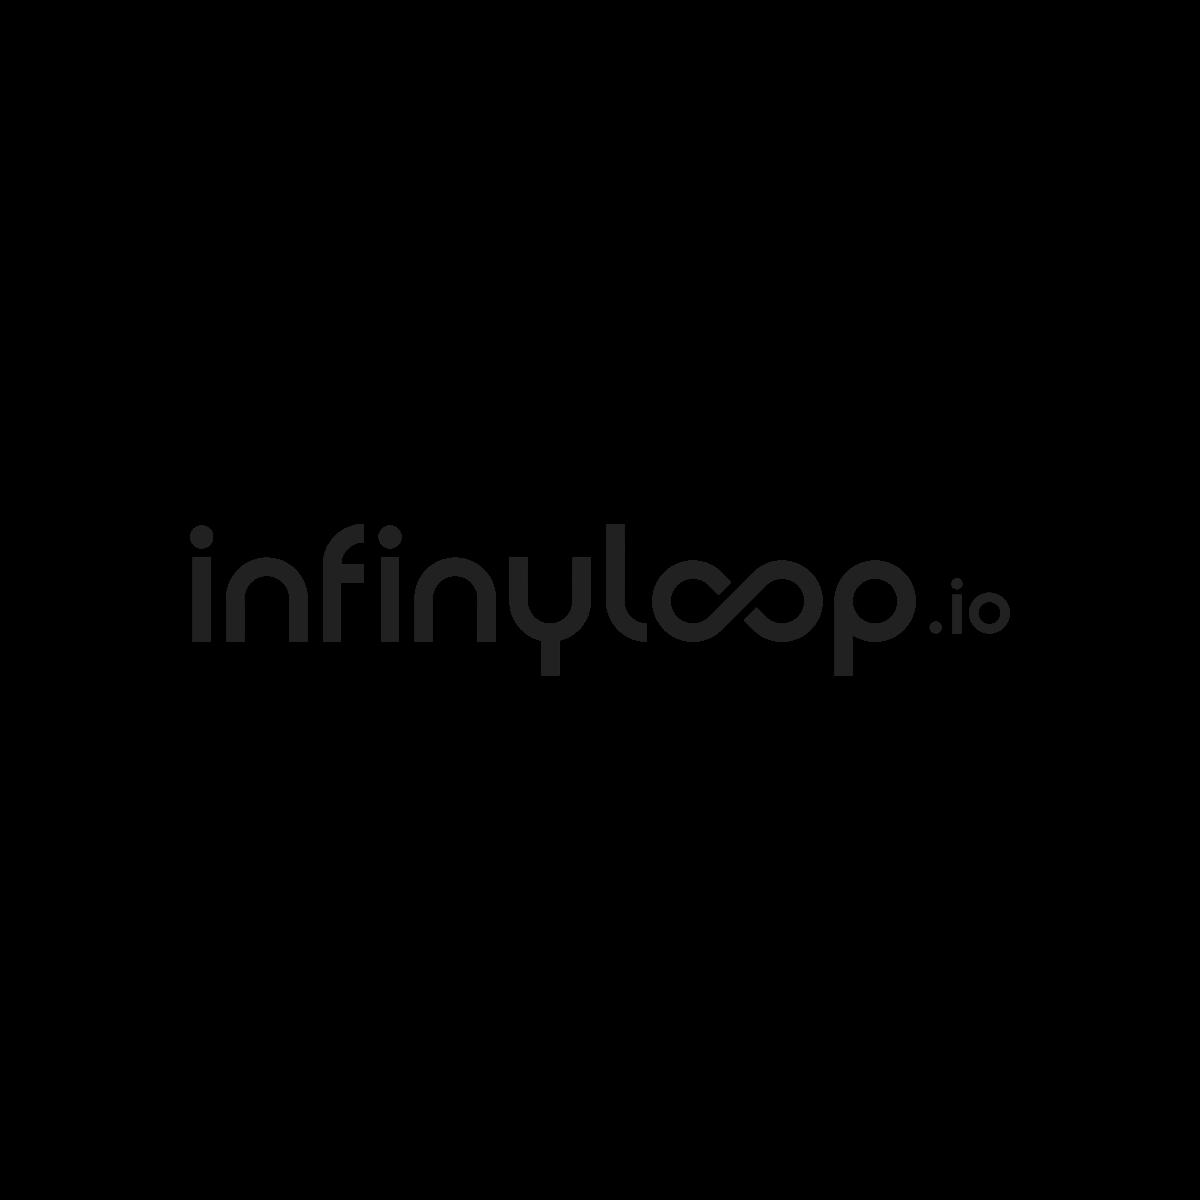 infinyloop.io logo